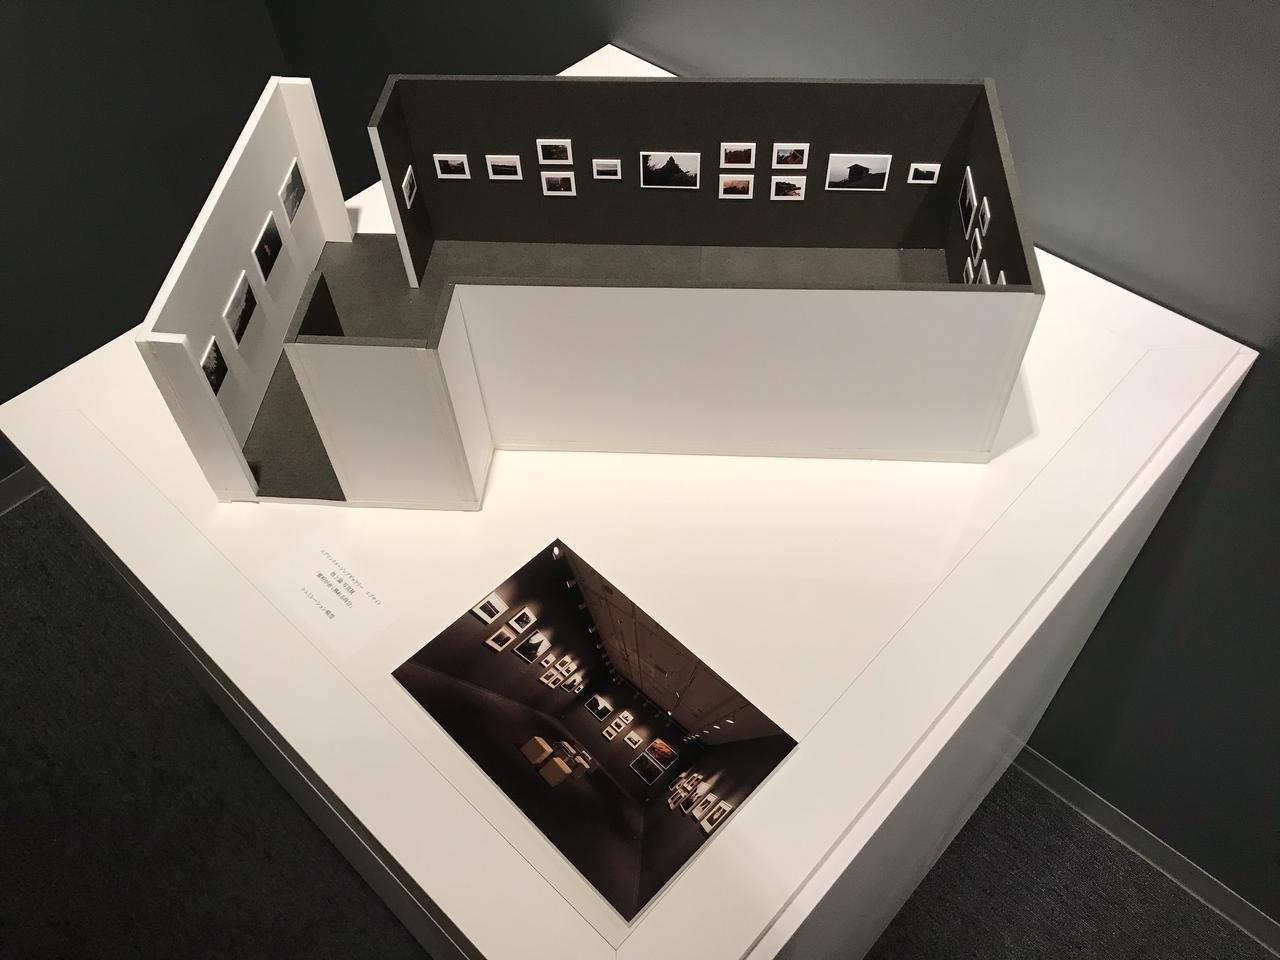 画像: ▲写真展をエプサイトで開催するイメージを模型として紹介した展示。